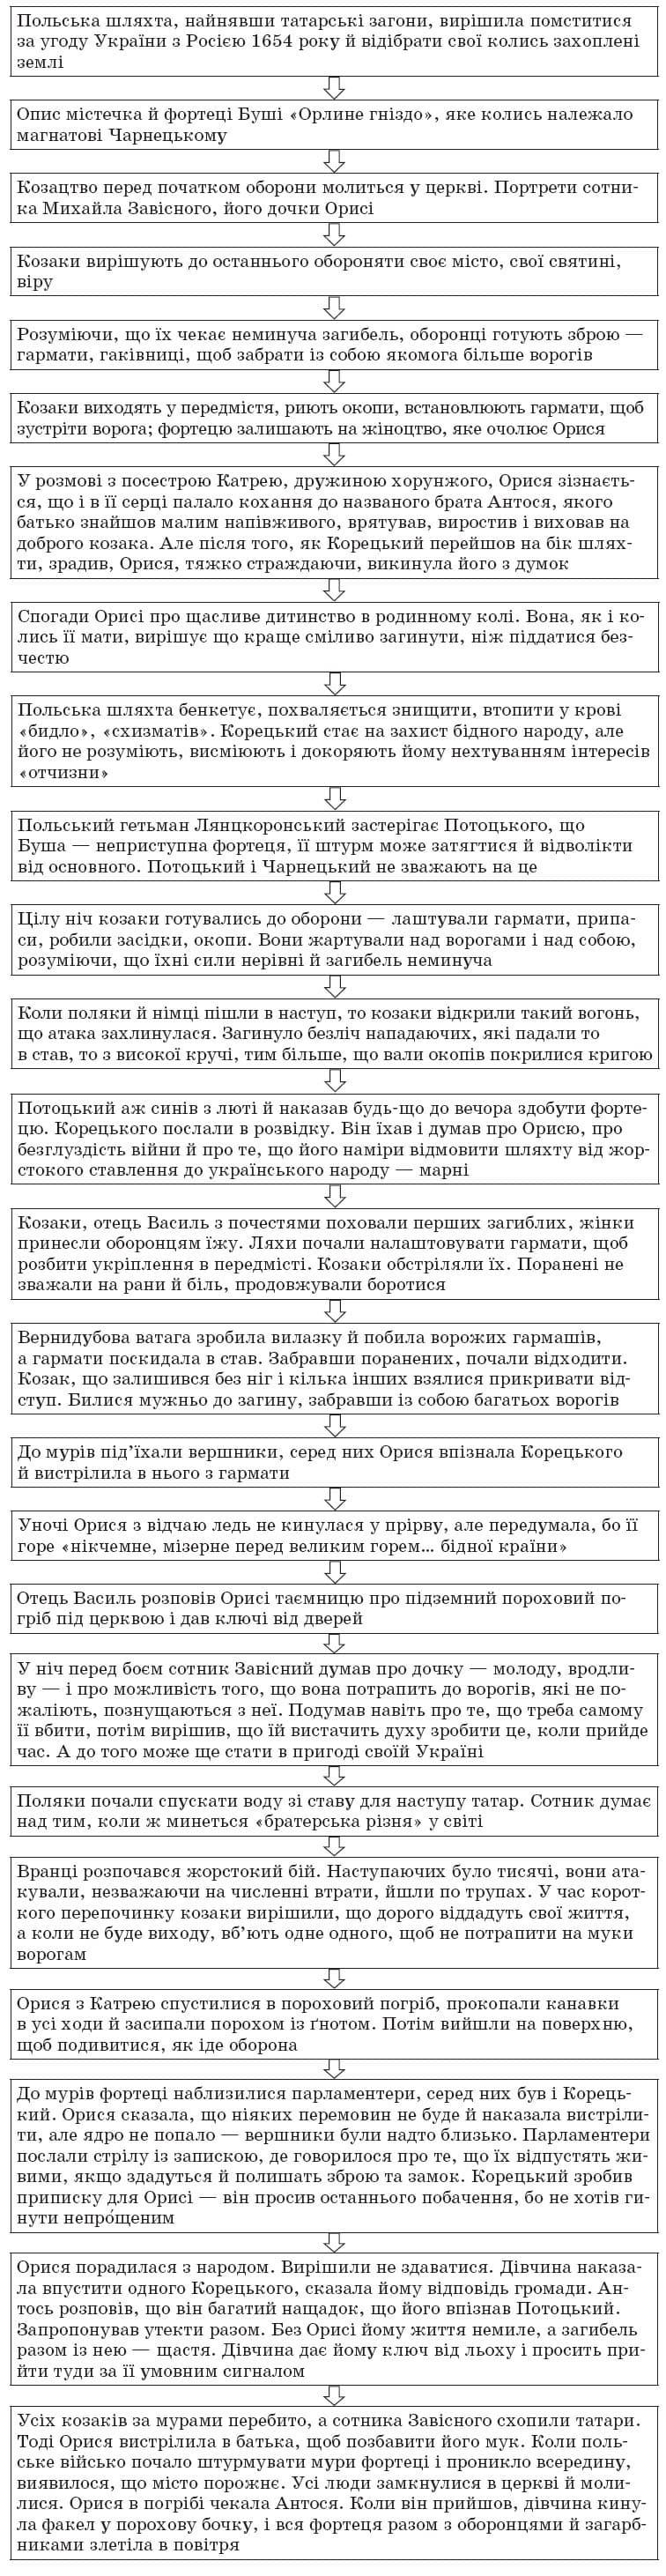 ukrainska_literatura_10_klass_20